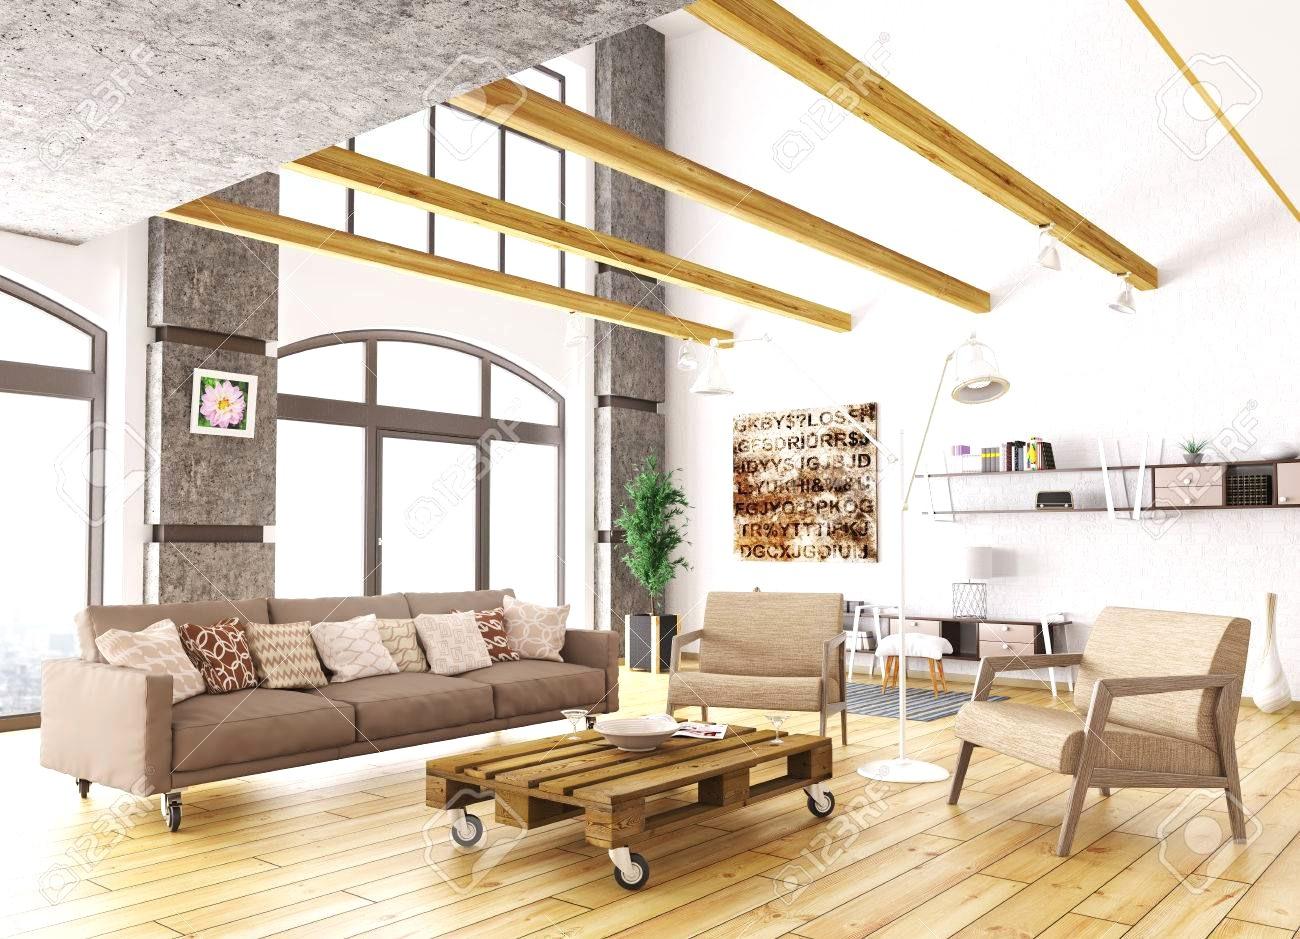 Vente Privée Canapé Convertible Impressionnant Images Canape Interieur En Palette